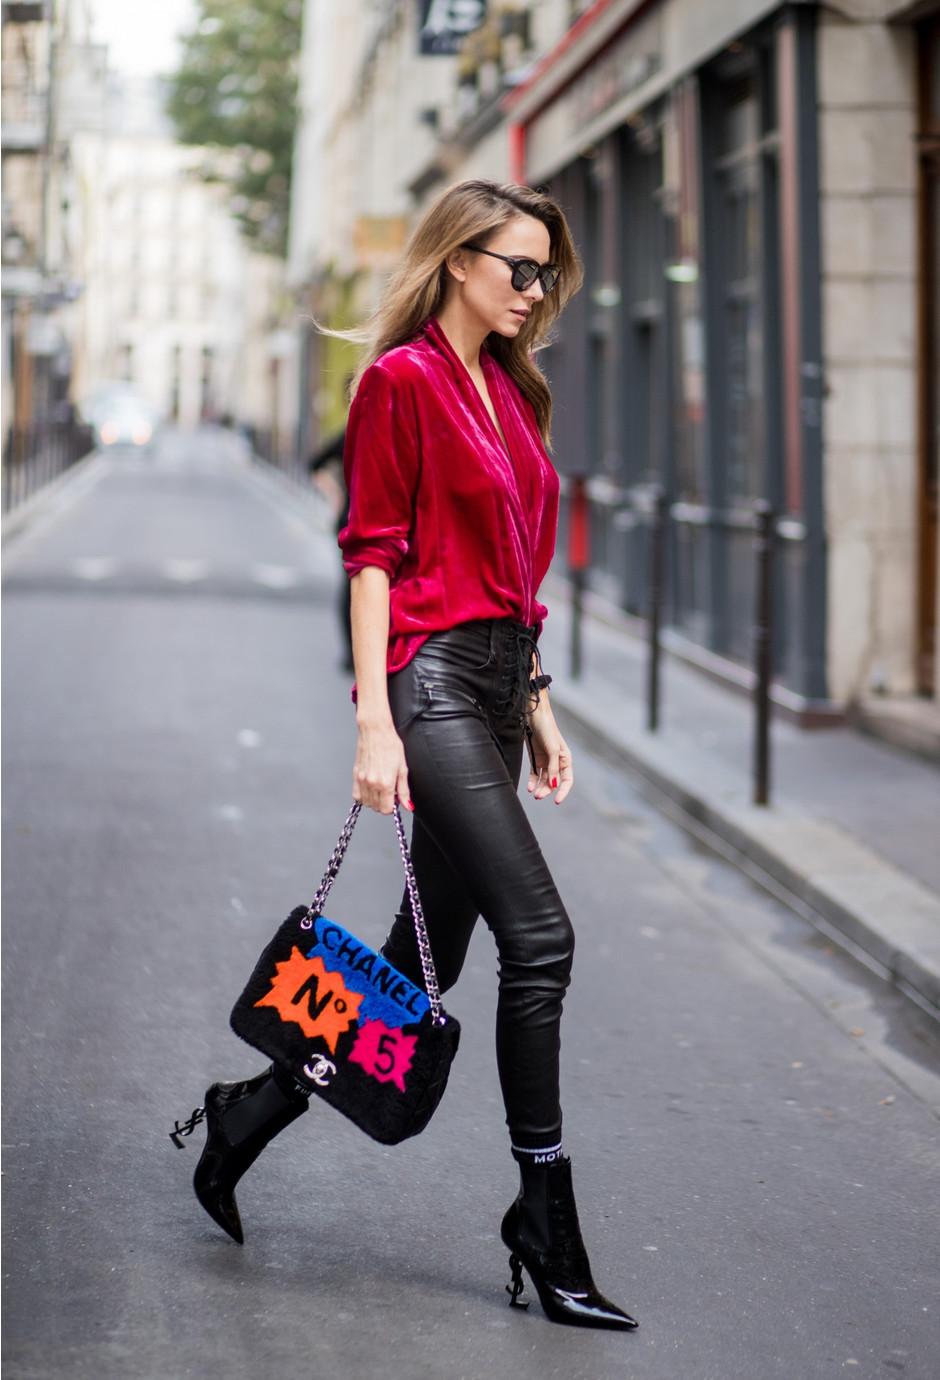 Женская одежда, которая нравится мужчинам: Скинни